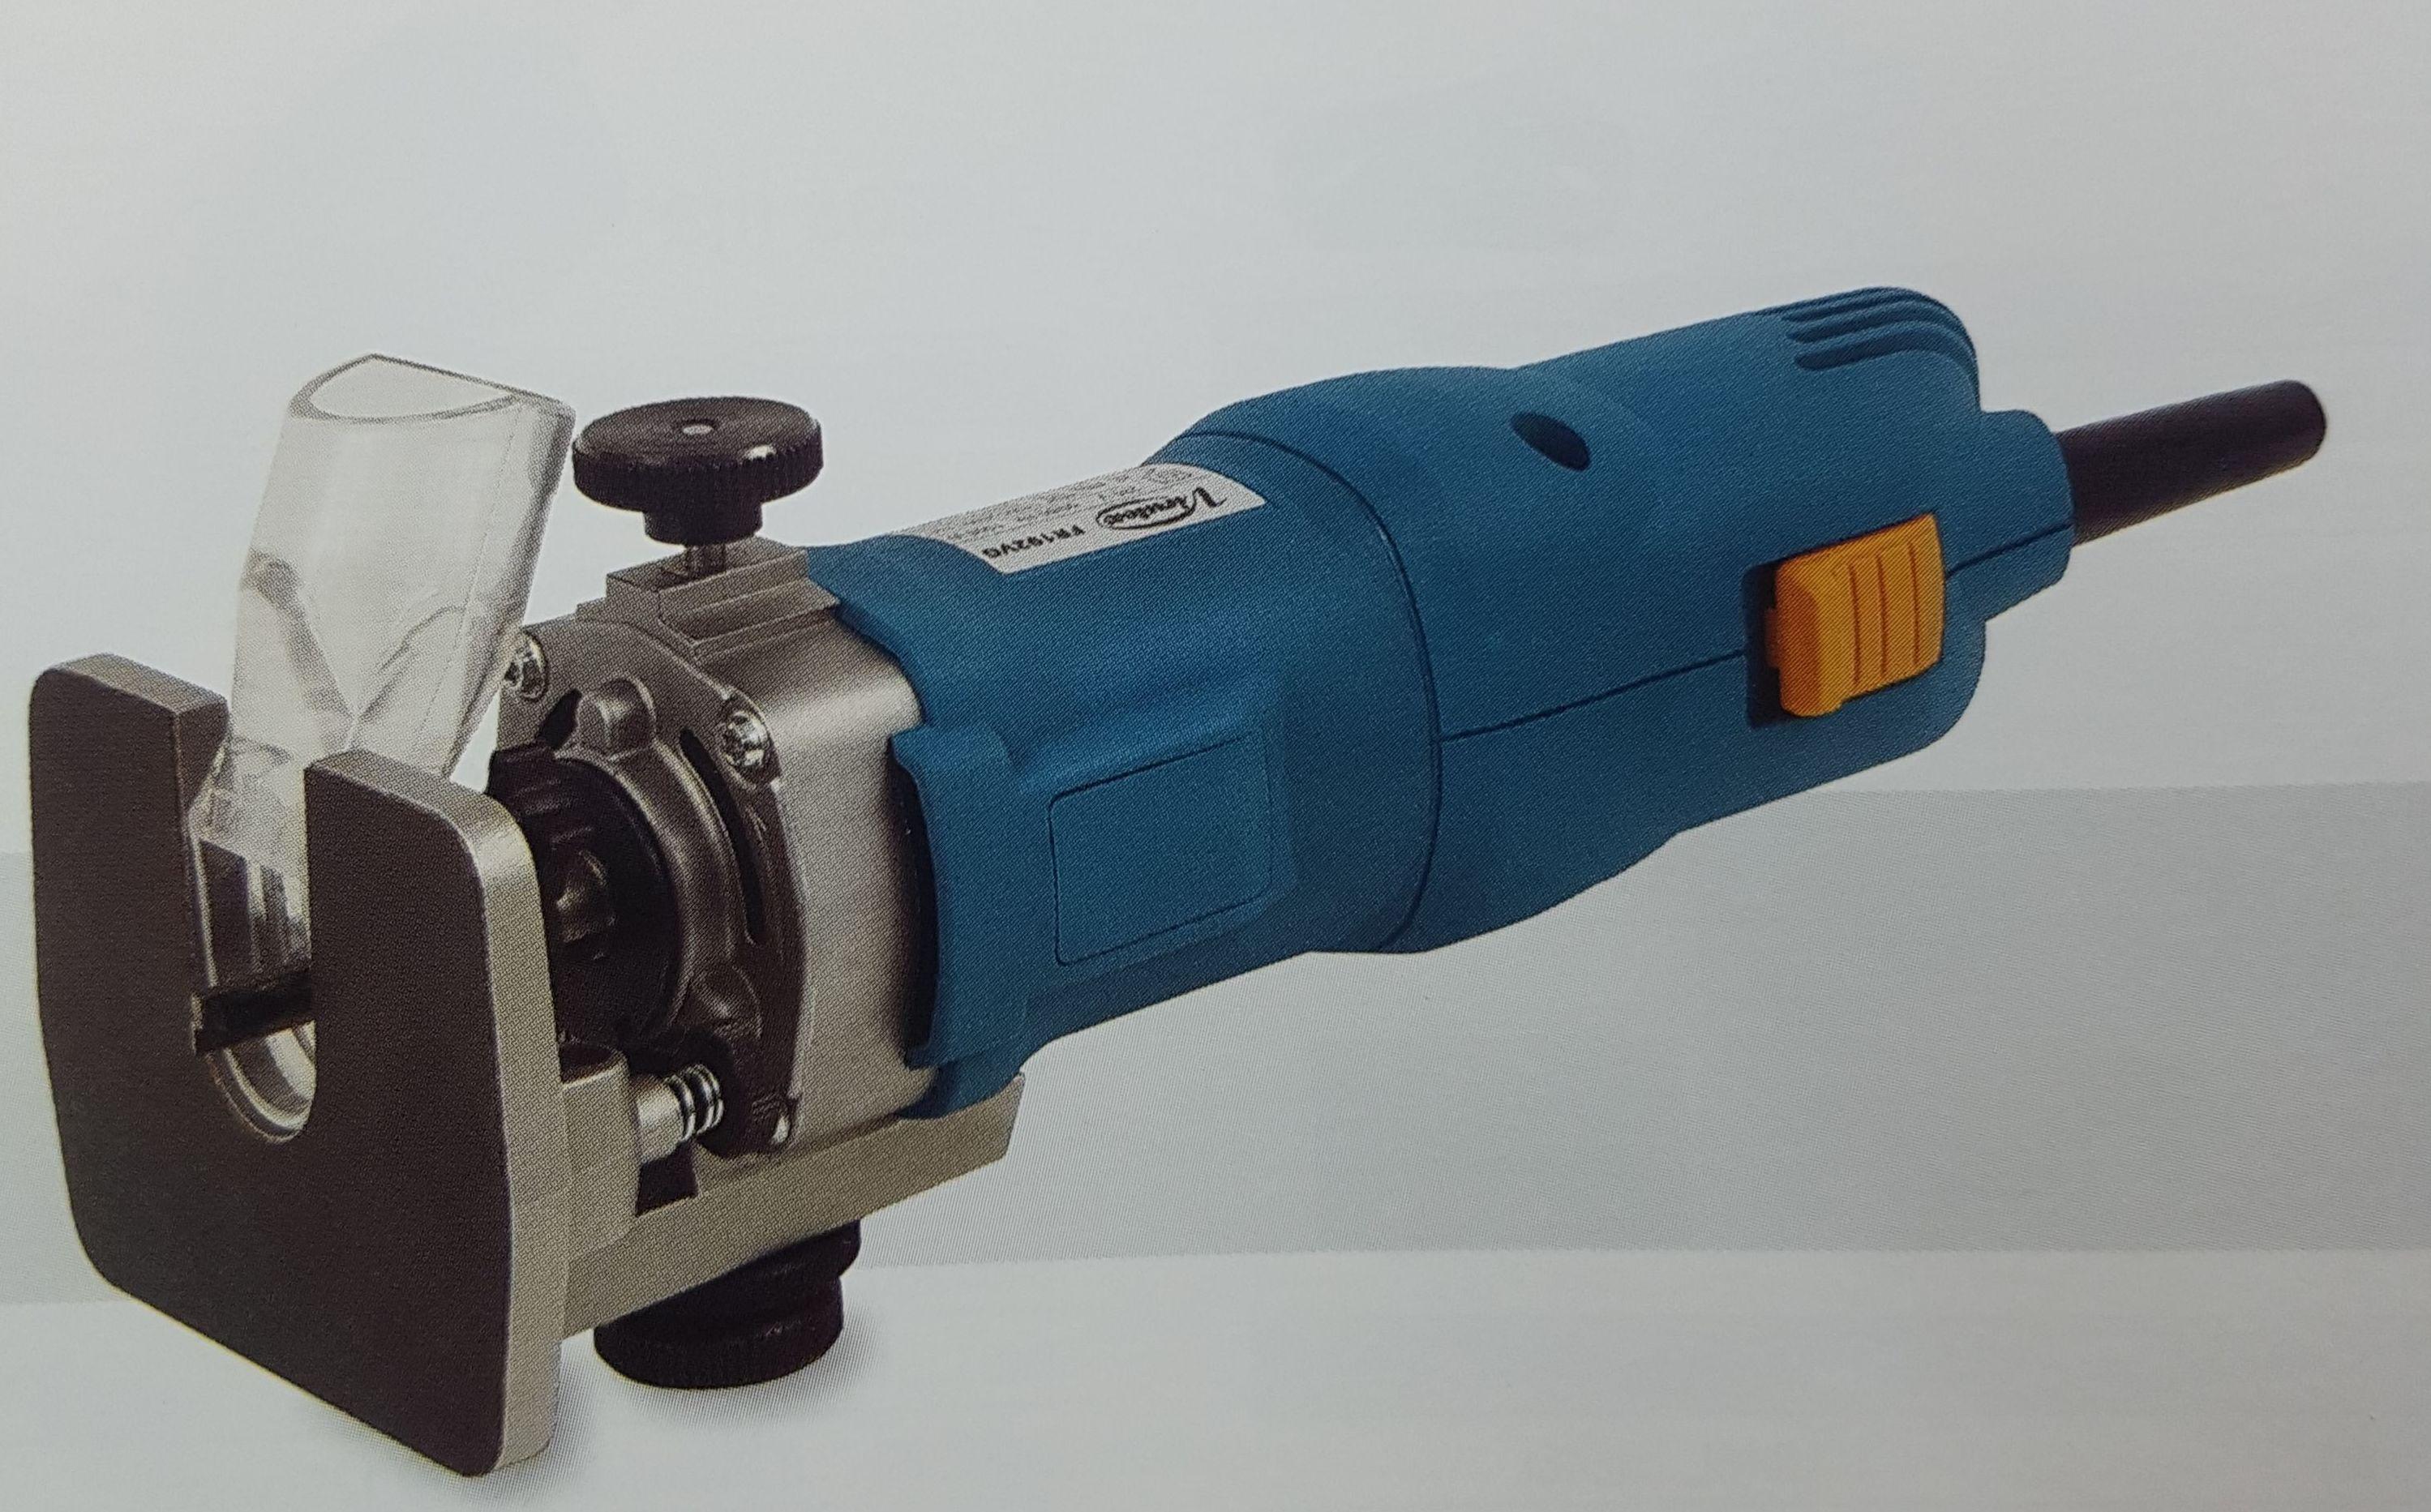 Foto 14 de Venta de herramientas en  | Comercial Cambel